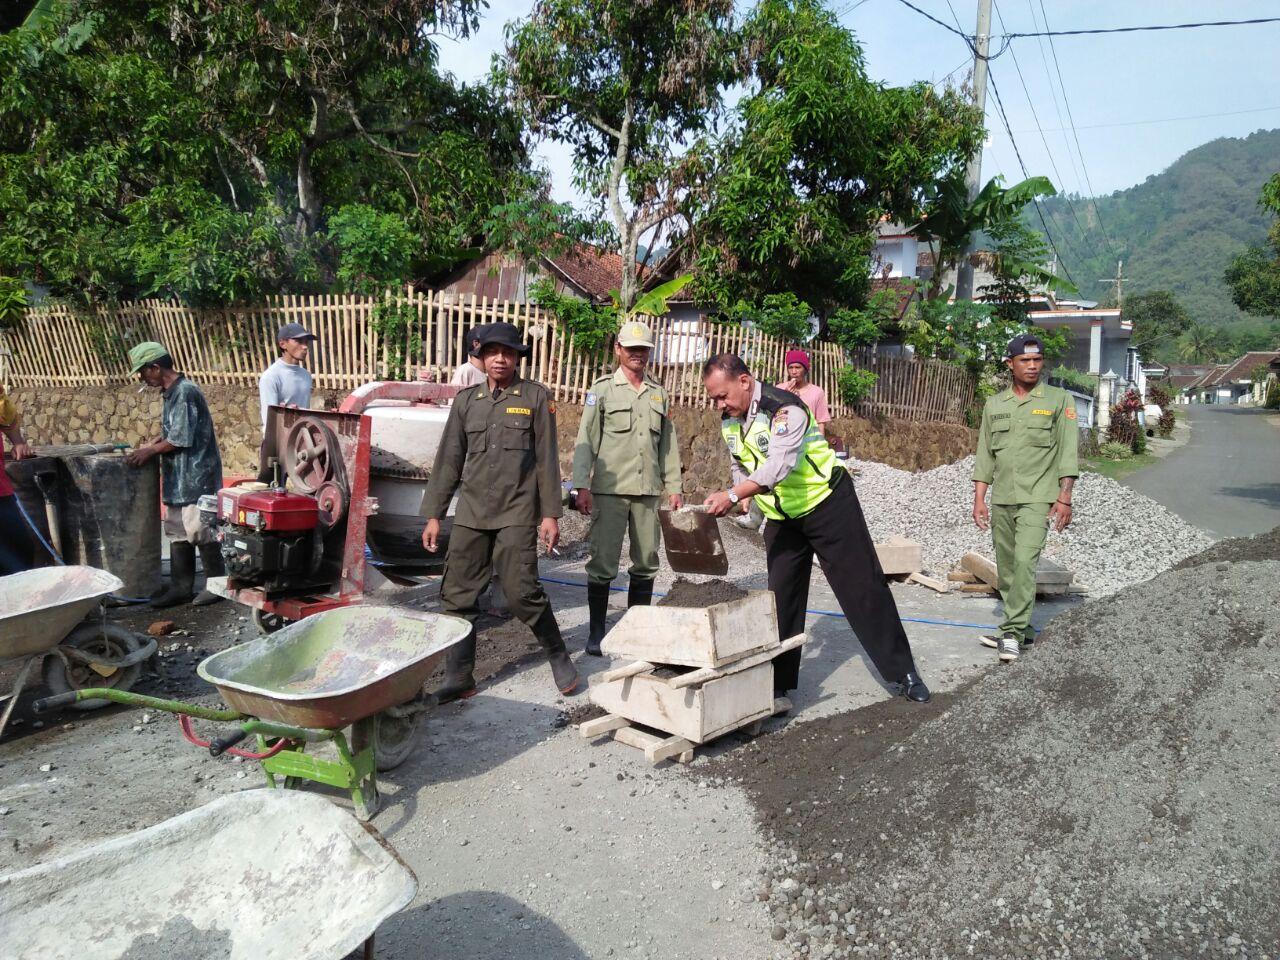 Bhabinkamtibmas Desa Waturejo Polres Batu Melaksanakan Bergotong Royong Mengecor Bahu Jalan Bersama Linmas